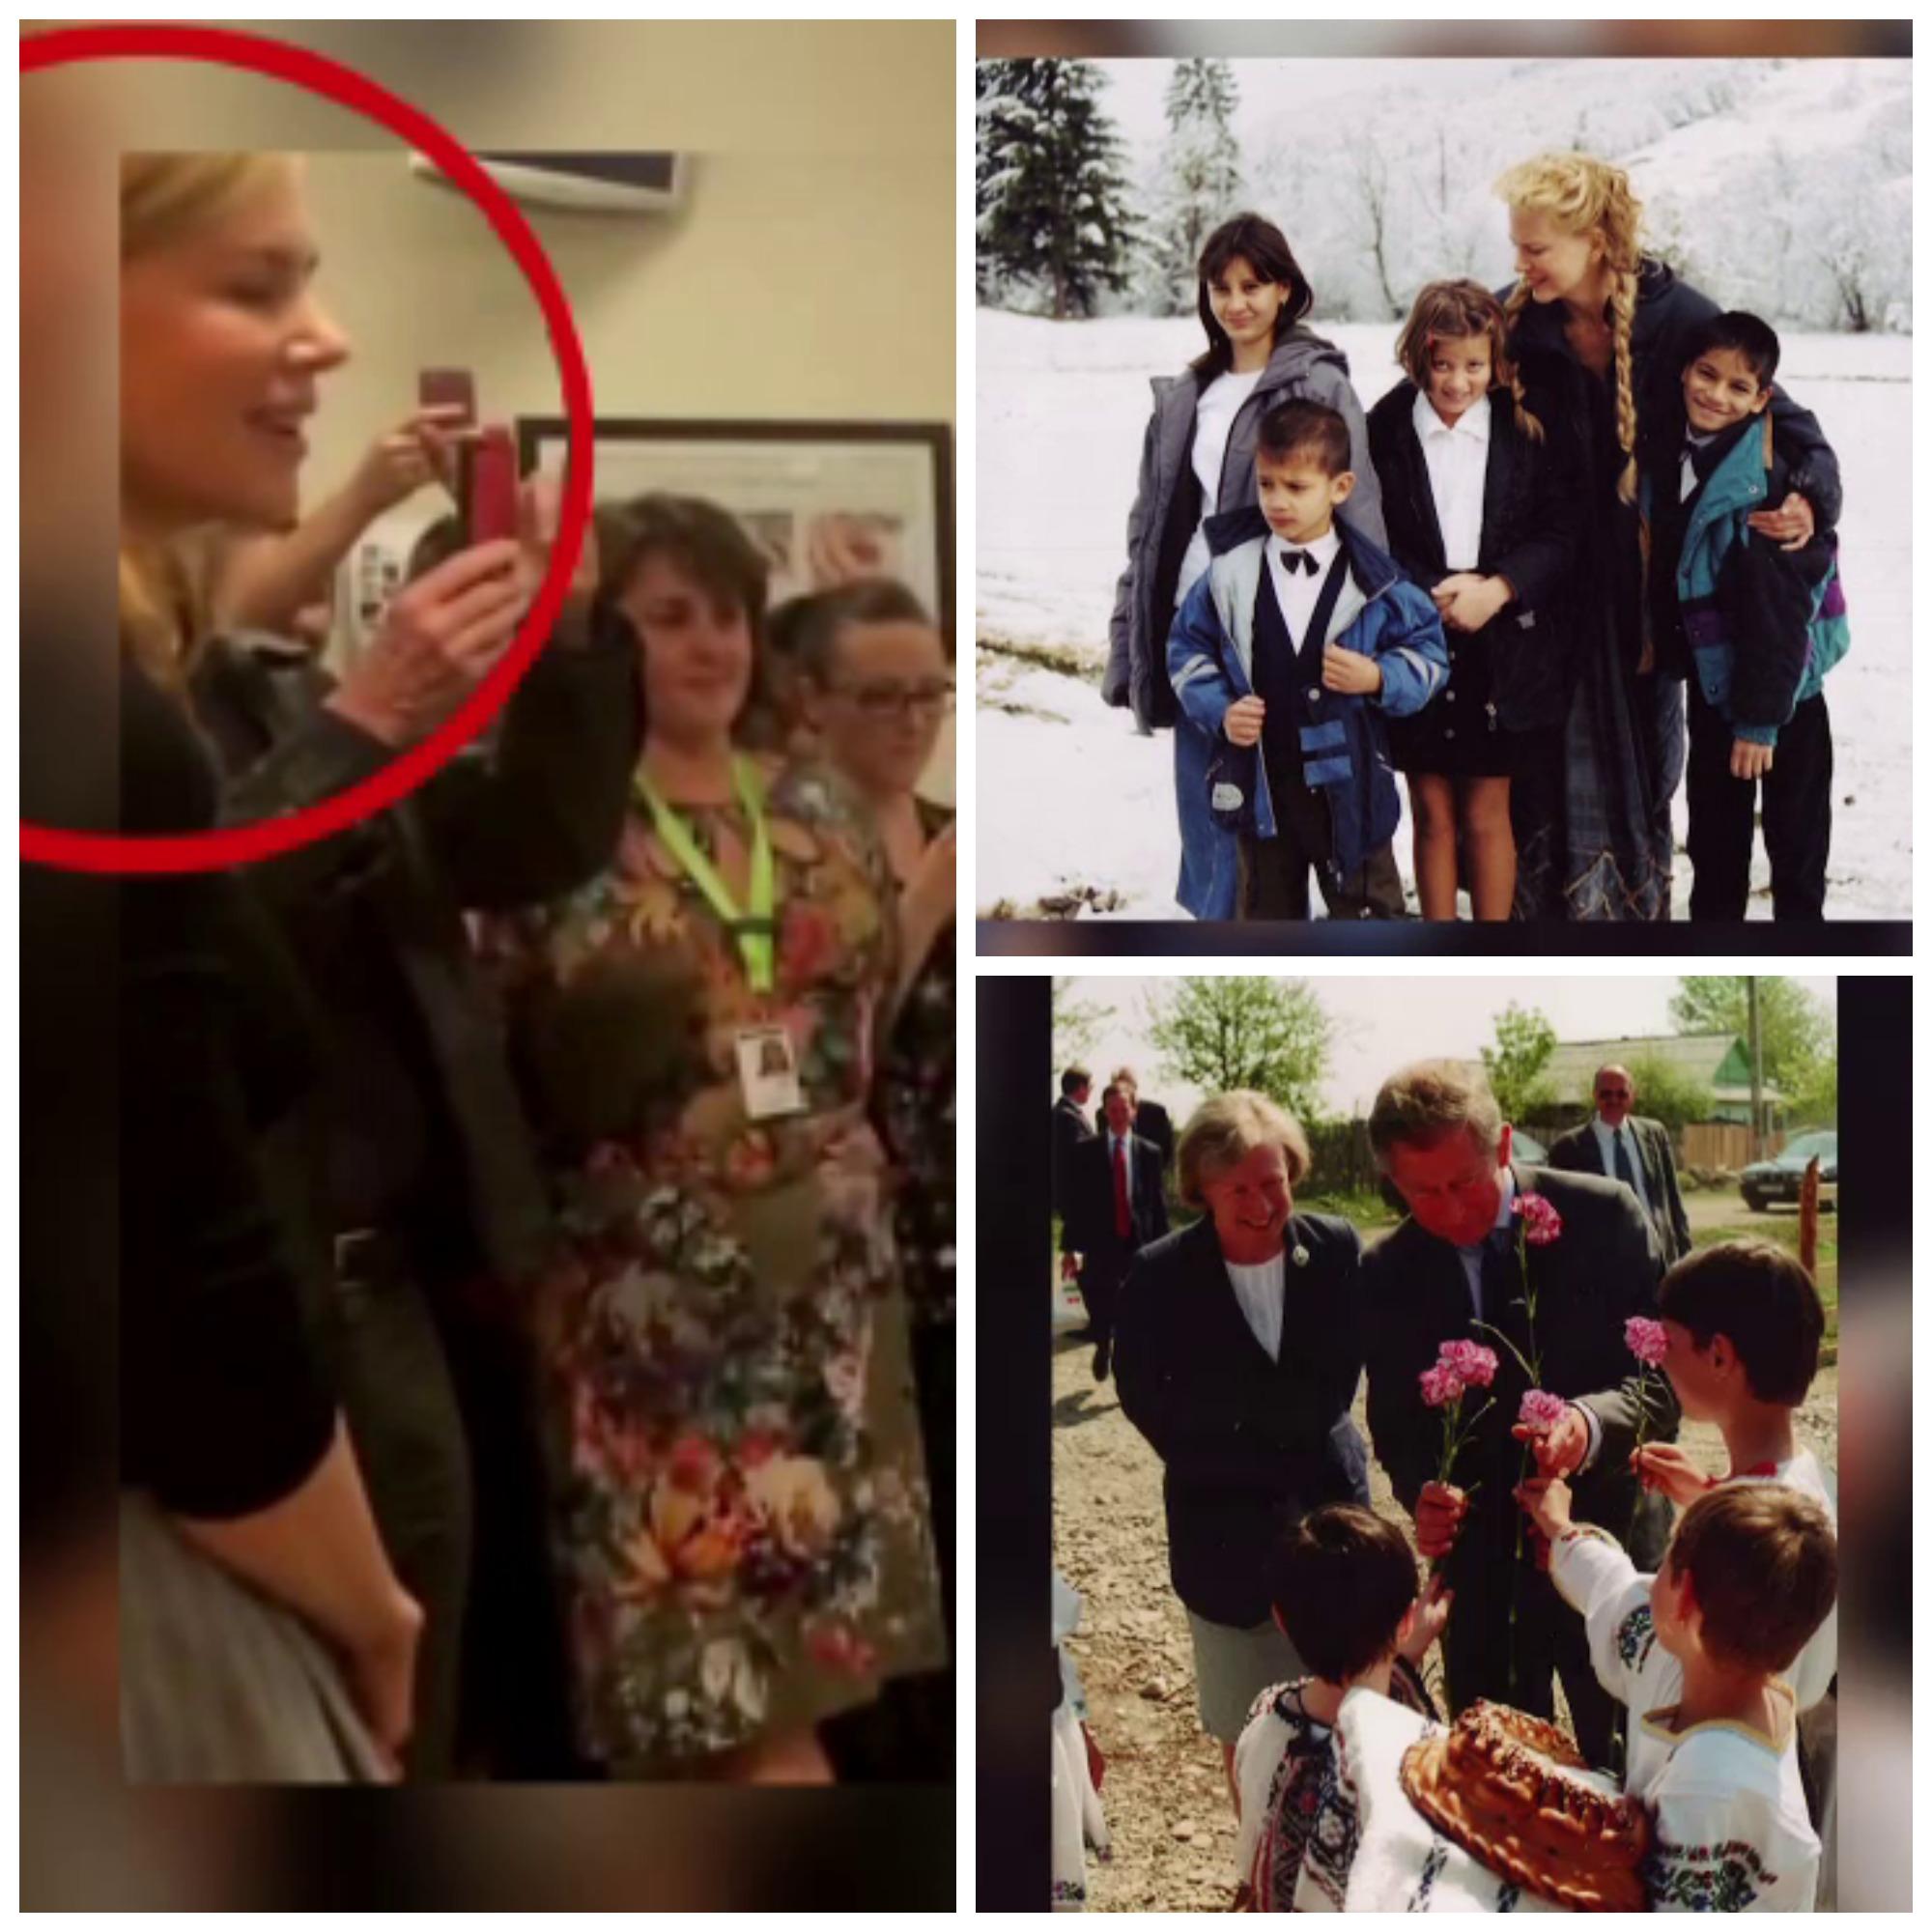 Nicole Kidman si Printul Charles, sprijin pentru persoanele defavorizate de la noi. Proiectul cu care dau o lectie Romaniei